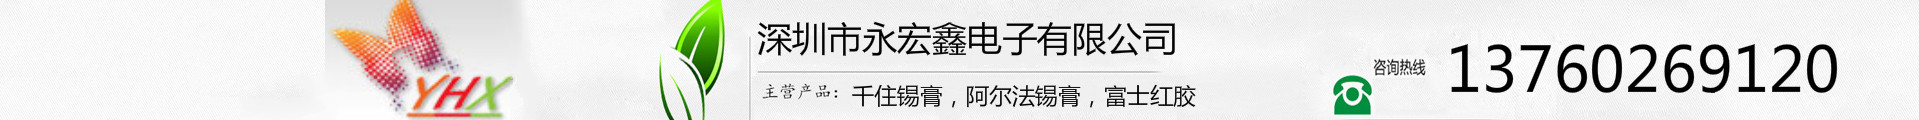 深圳市永宏鑫電子經營部